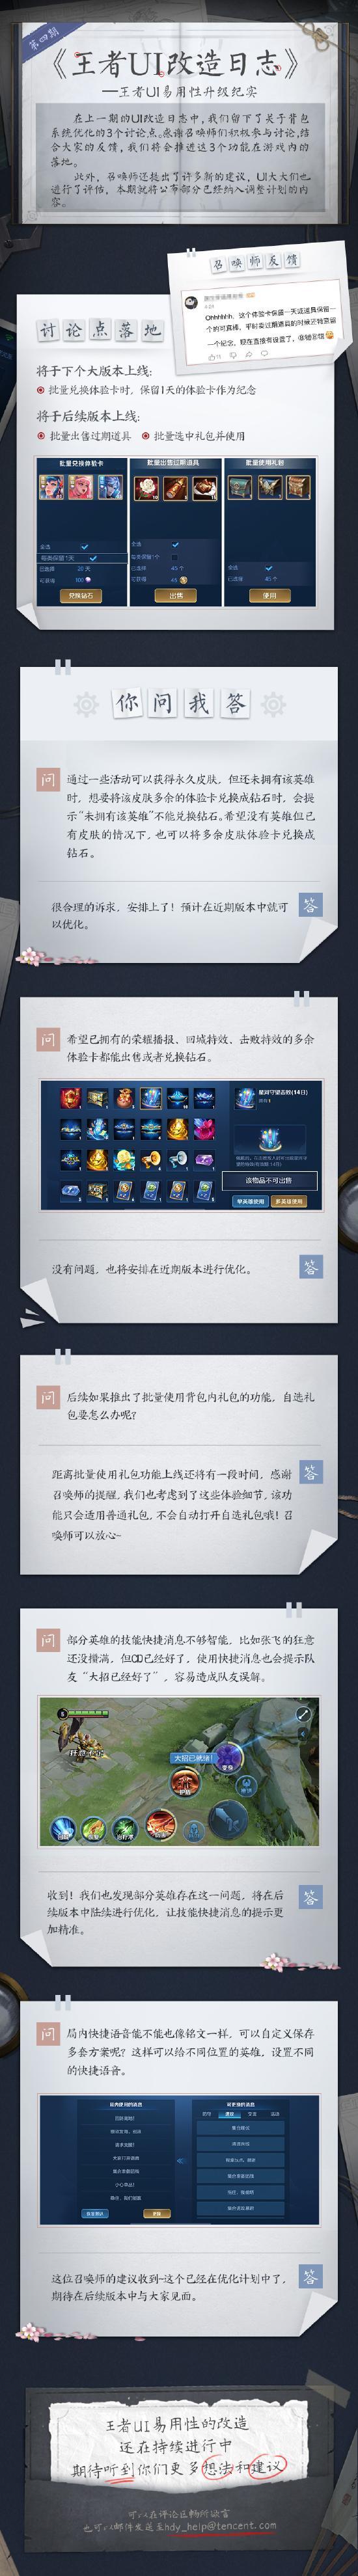 UI改造日志第四期